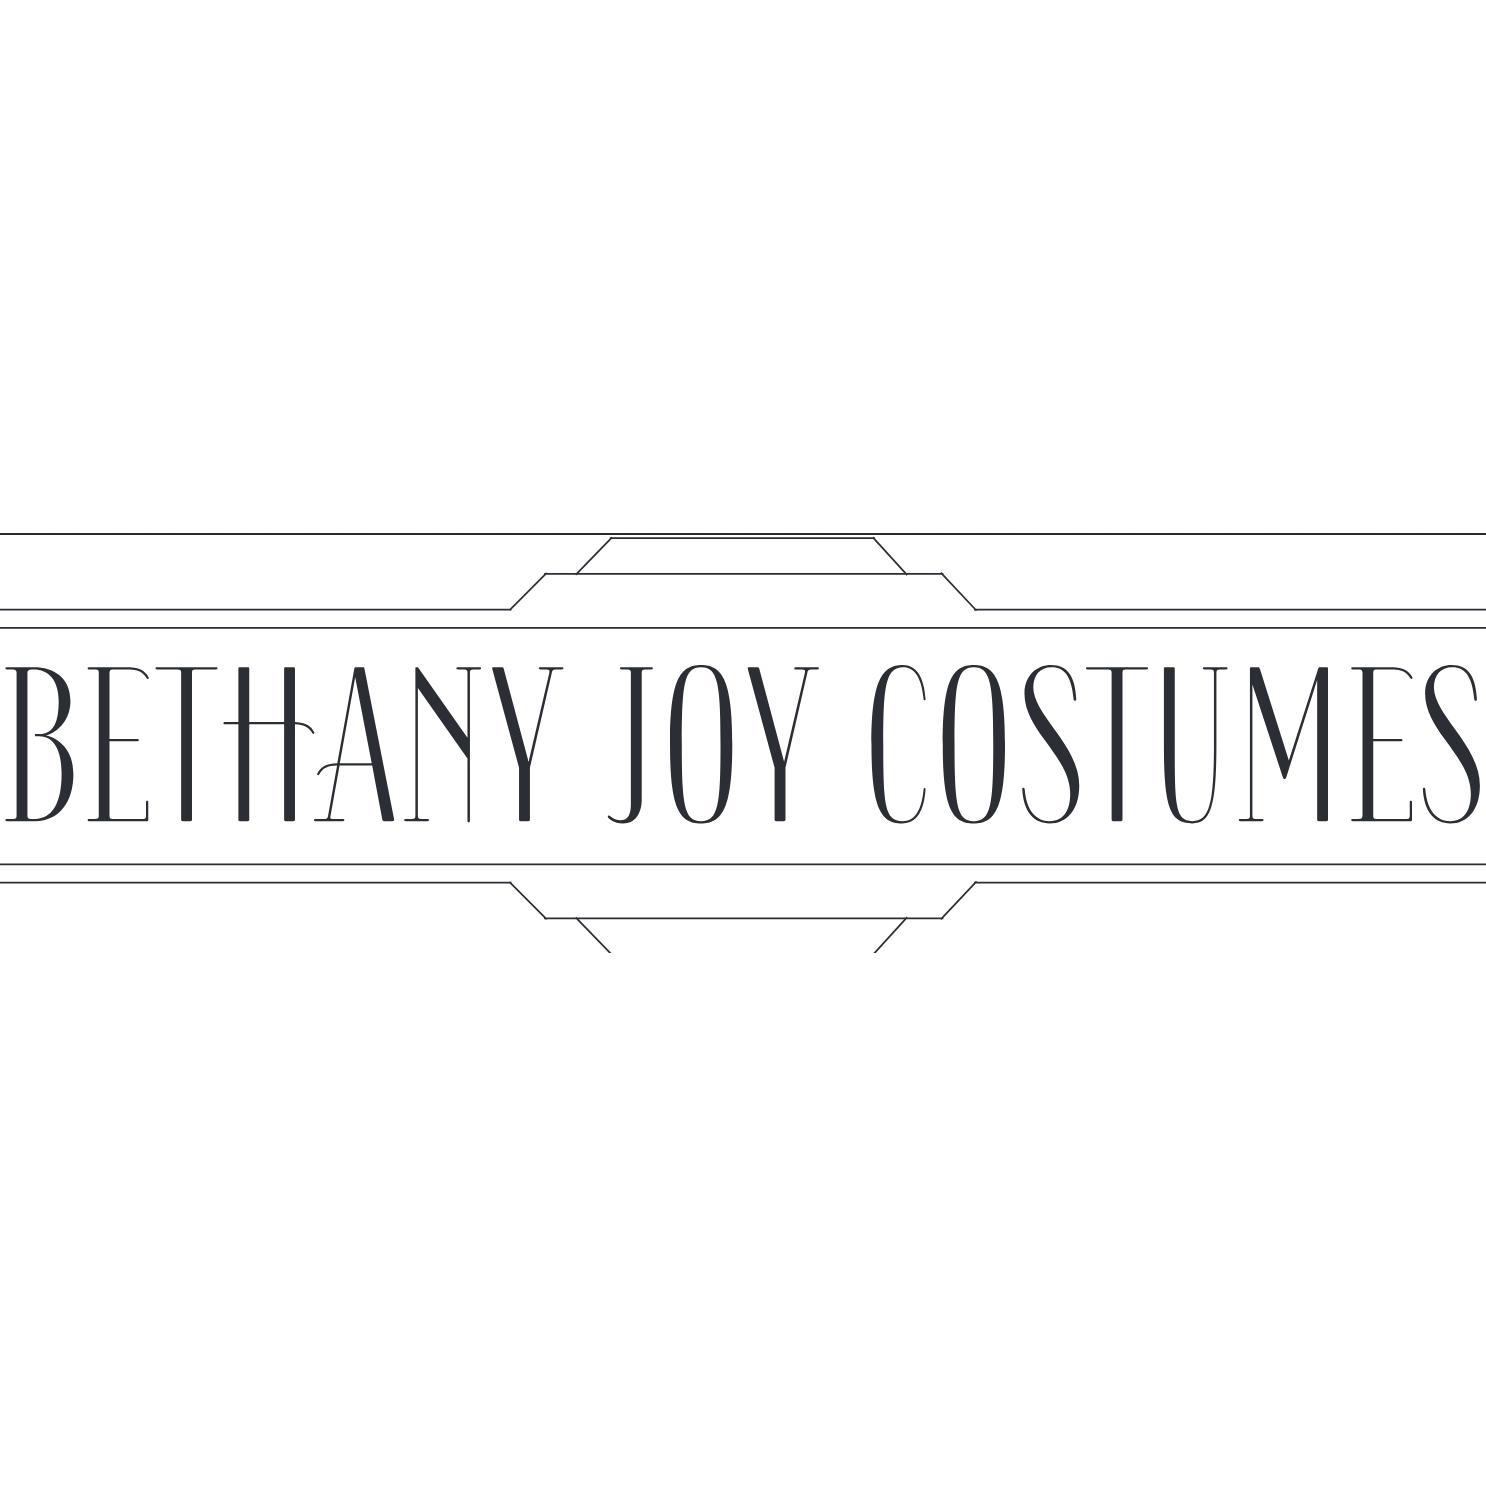 Bethany Joy Costumes - New York, NY - Apparel Stores